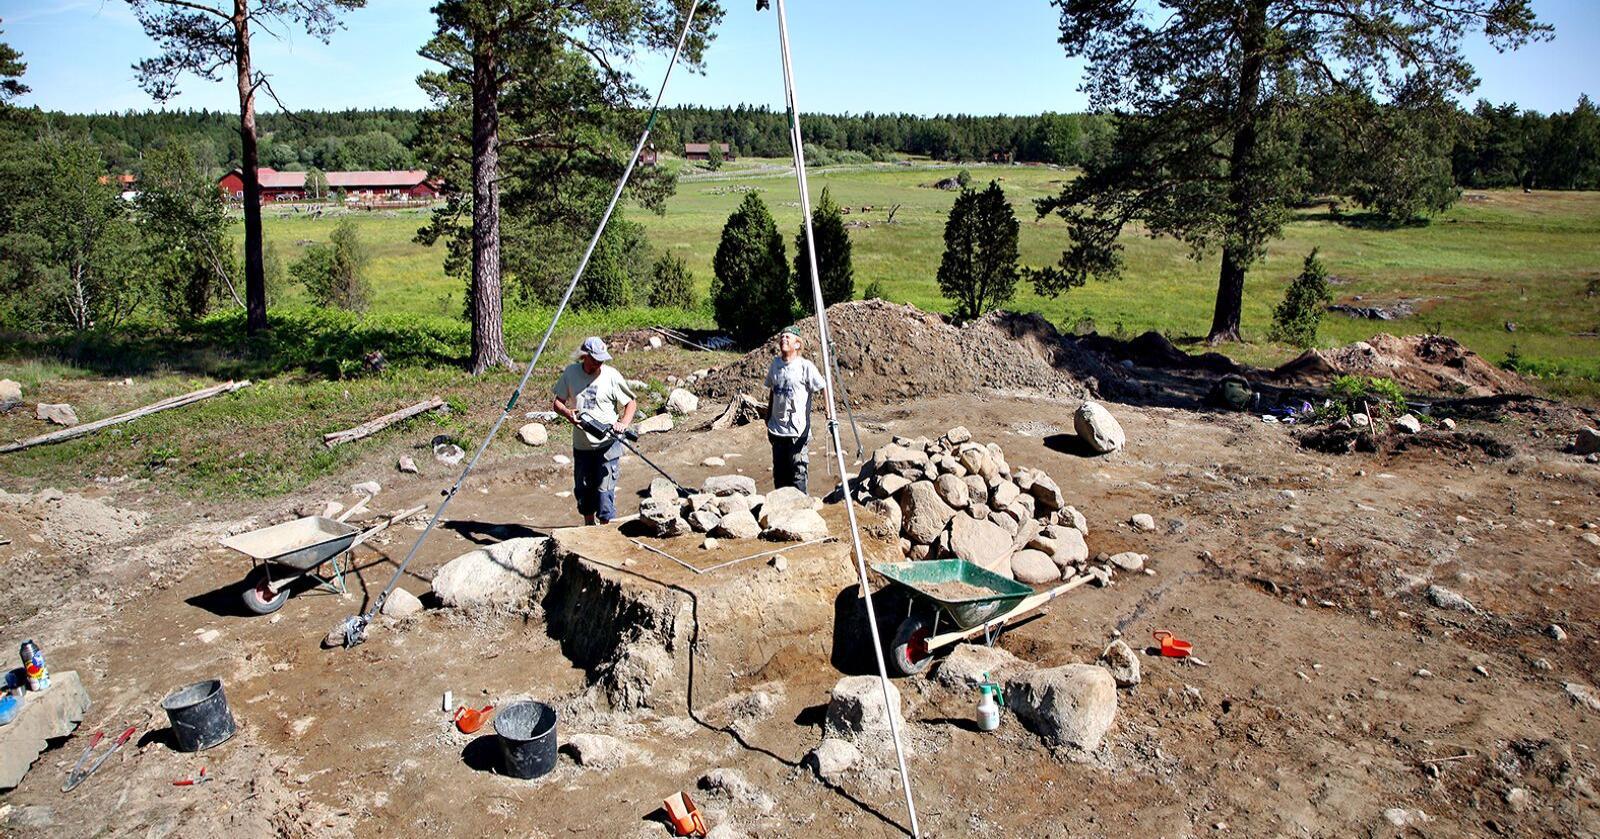 Dyre utgravinger: Arkeologiske undersøkelser kan bli kostbart for grunneiere. Bønder må bli skånet for store merkostnader ved arkeologiske utgravinger etter kulturminnefunn, mener Bondelaget. Foto: Johan Bjurer/Mostphotos